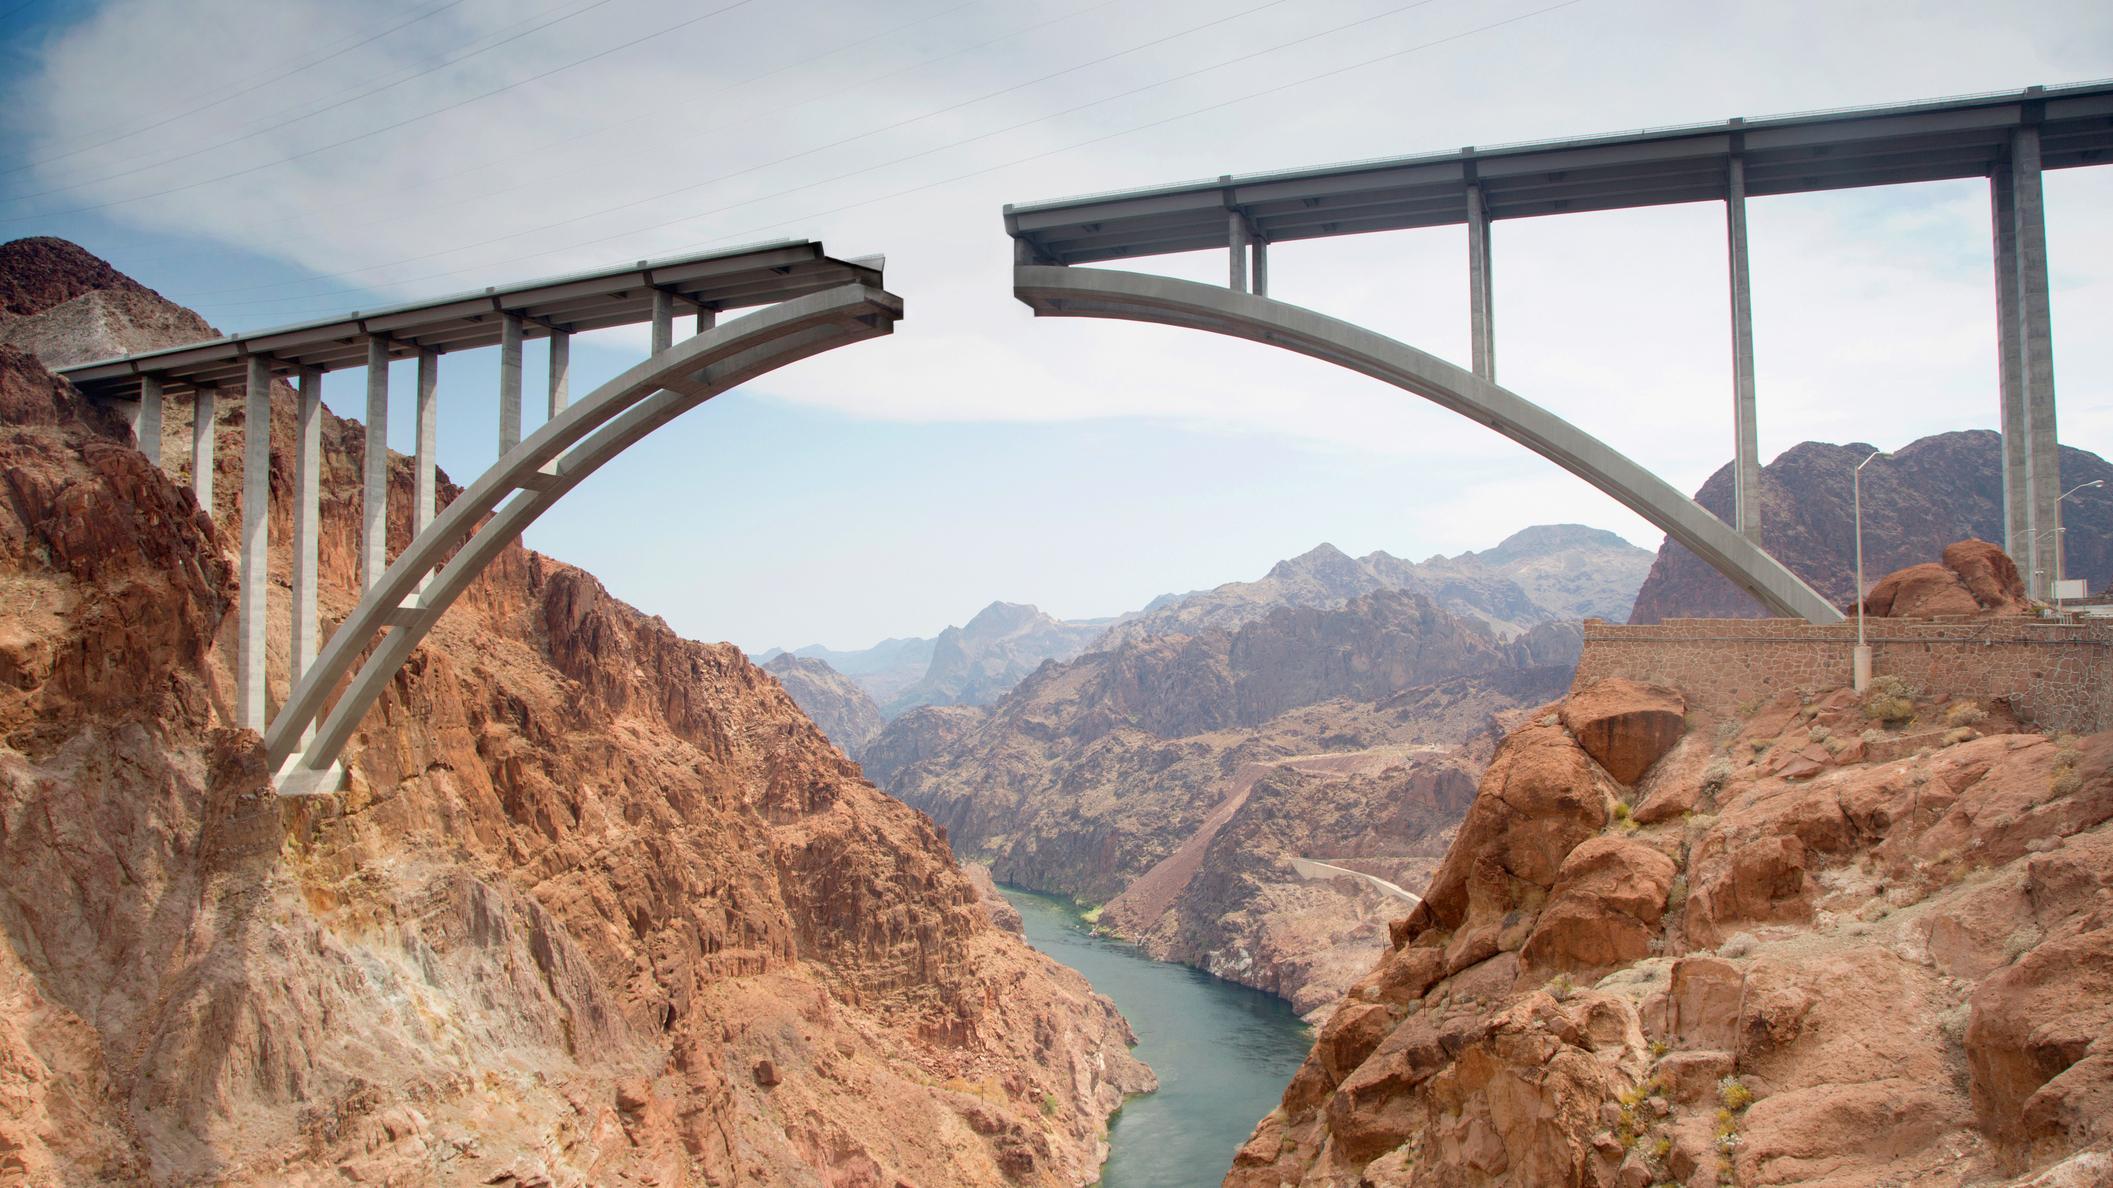 Unfinished bridge